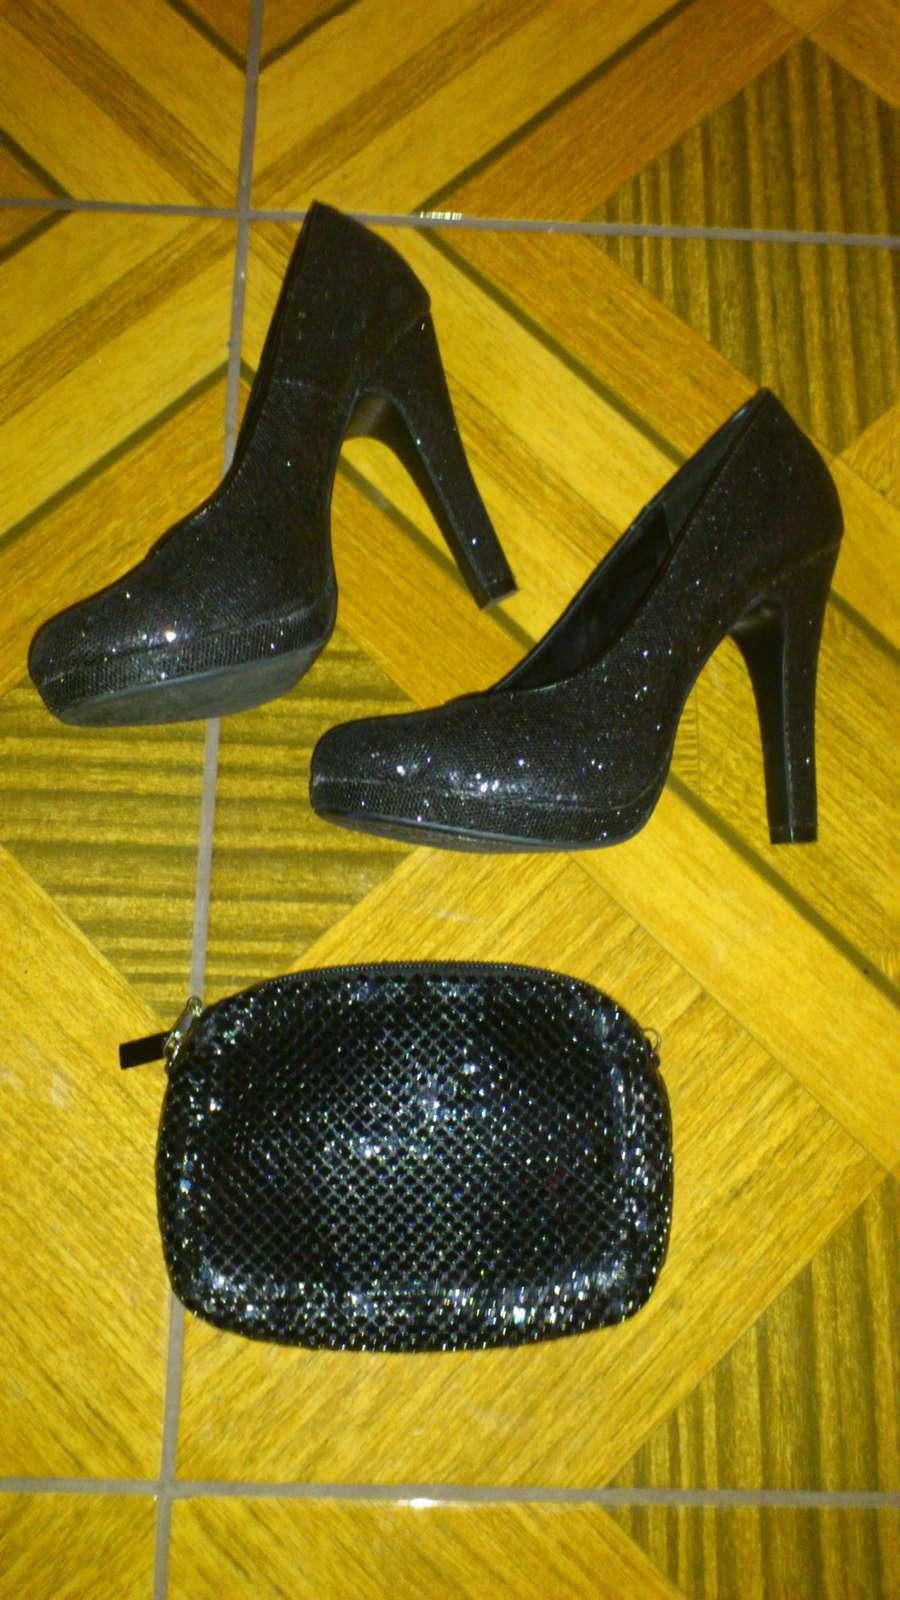 Topánky a kabelka - Obrázok č. 4